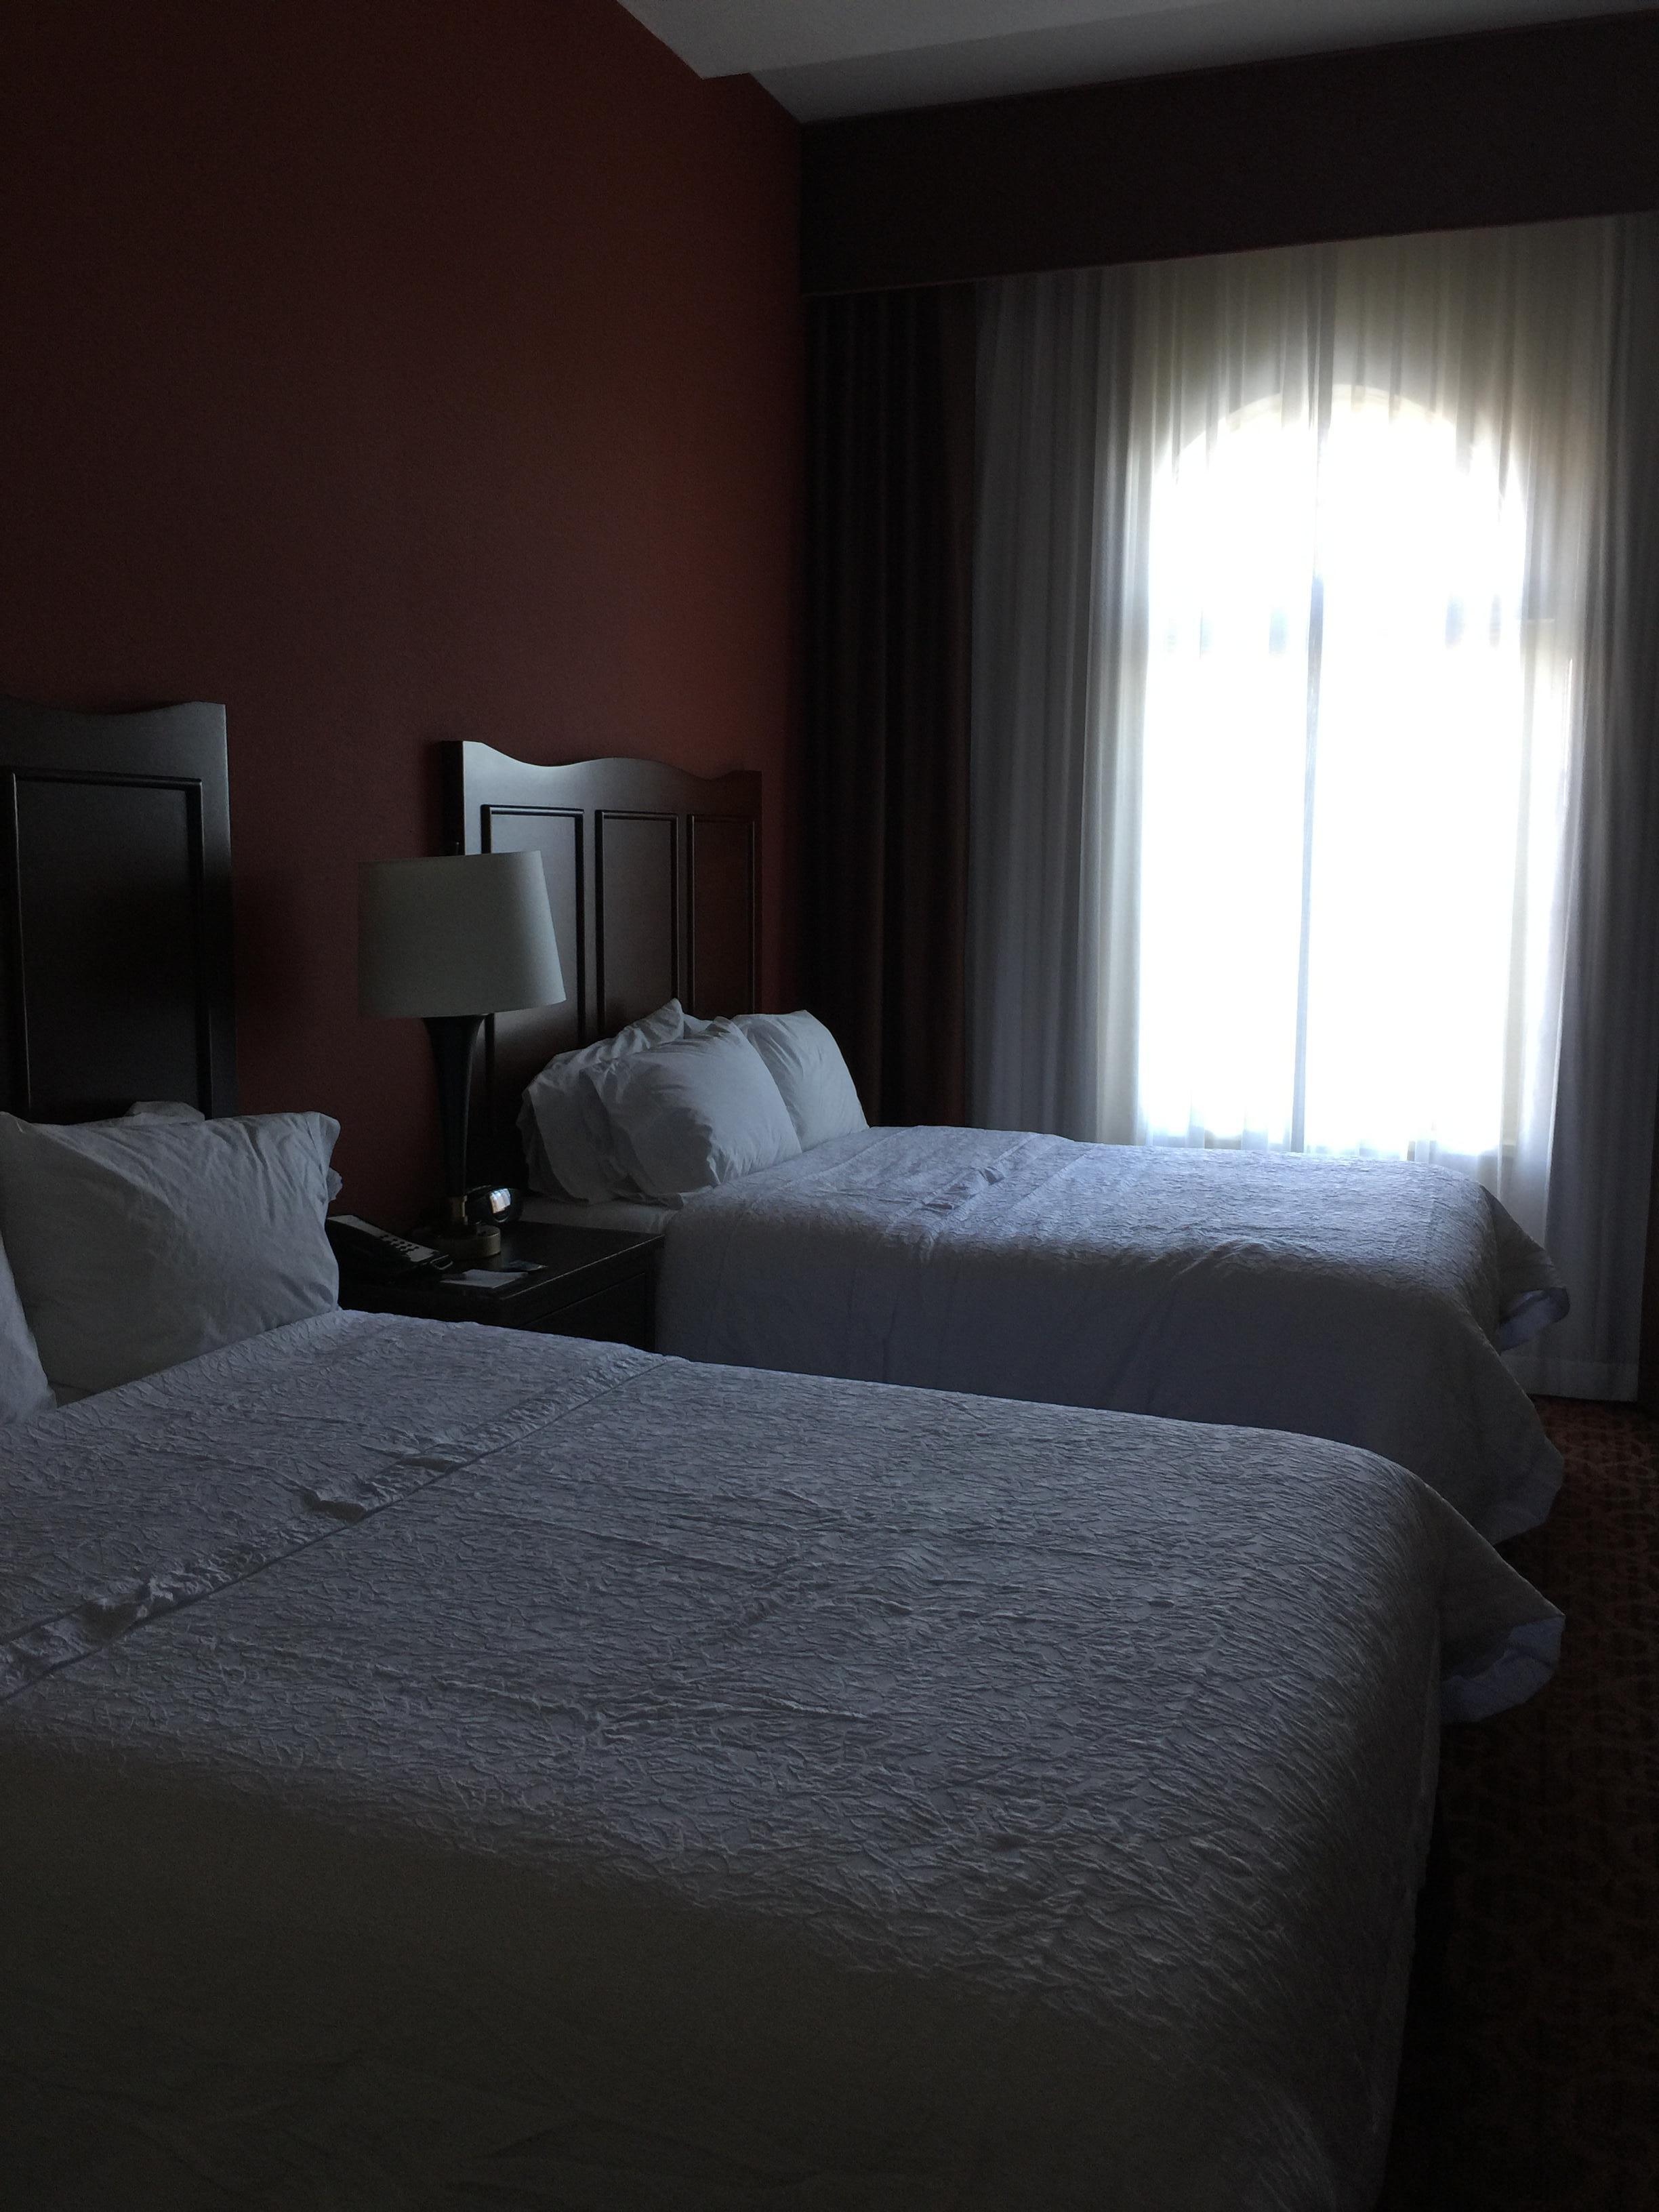 Queen room facilities